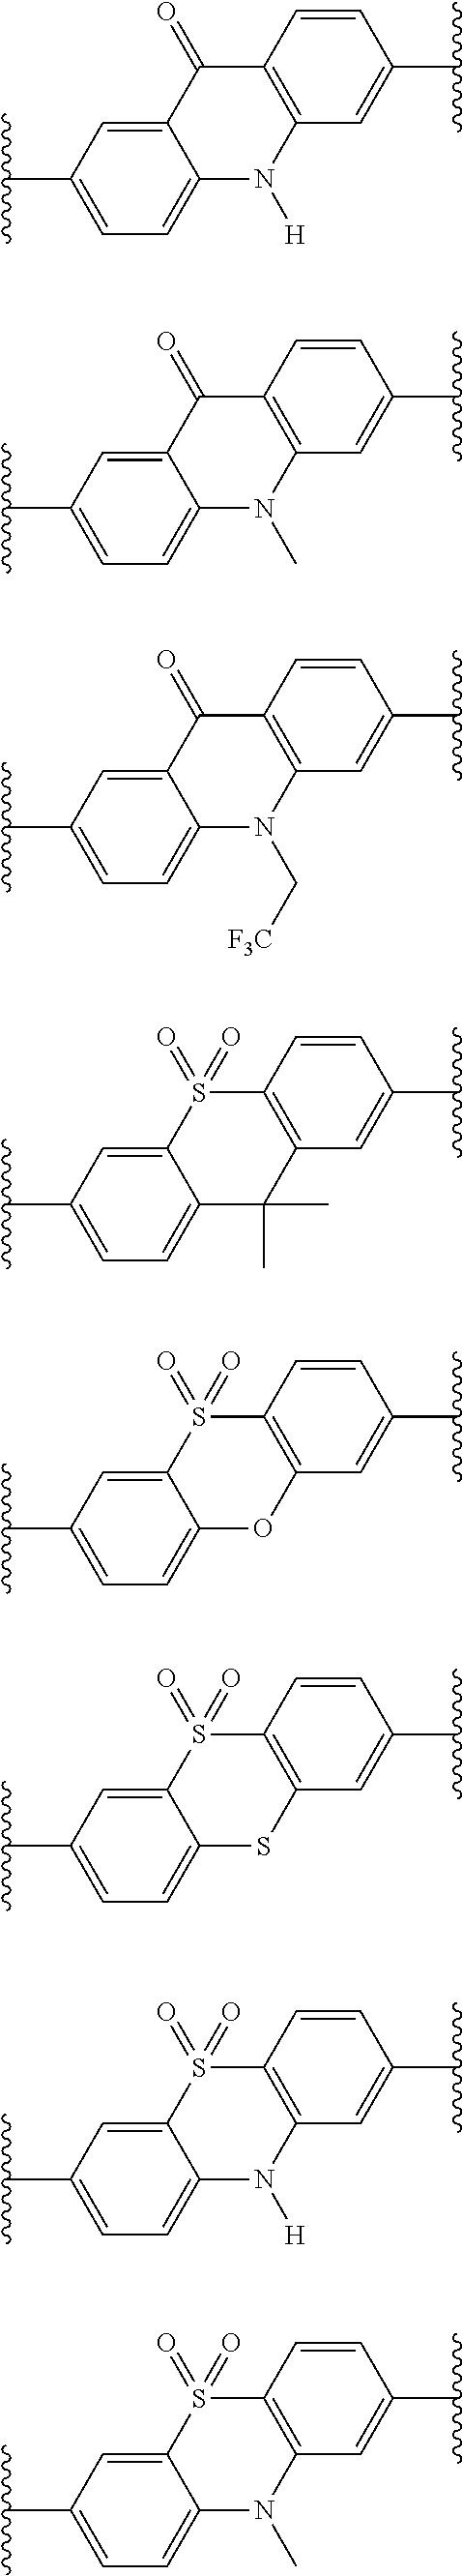 Figure US09511056-20161206-C00195